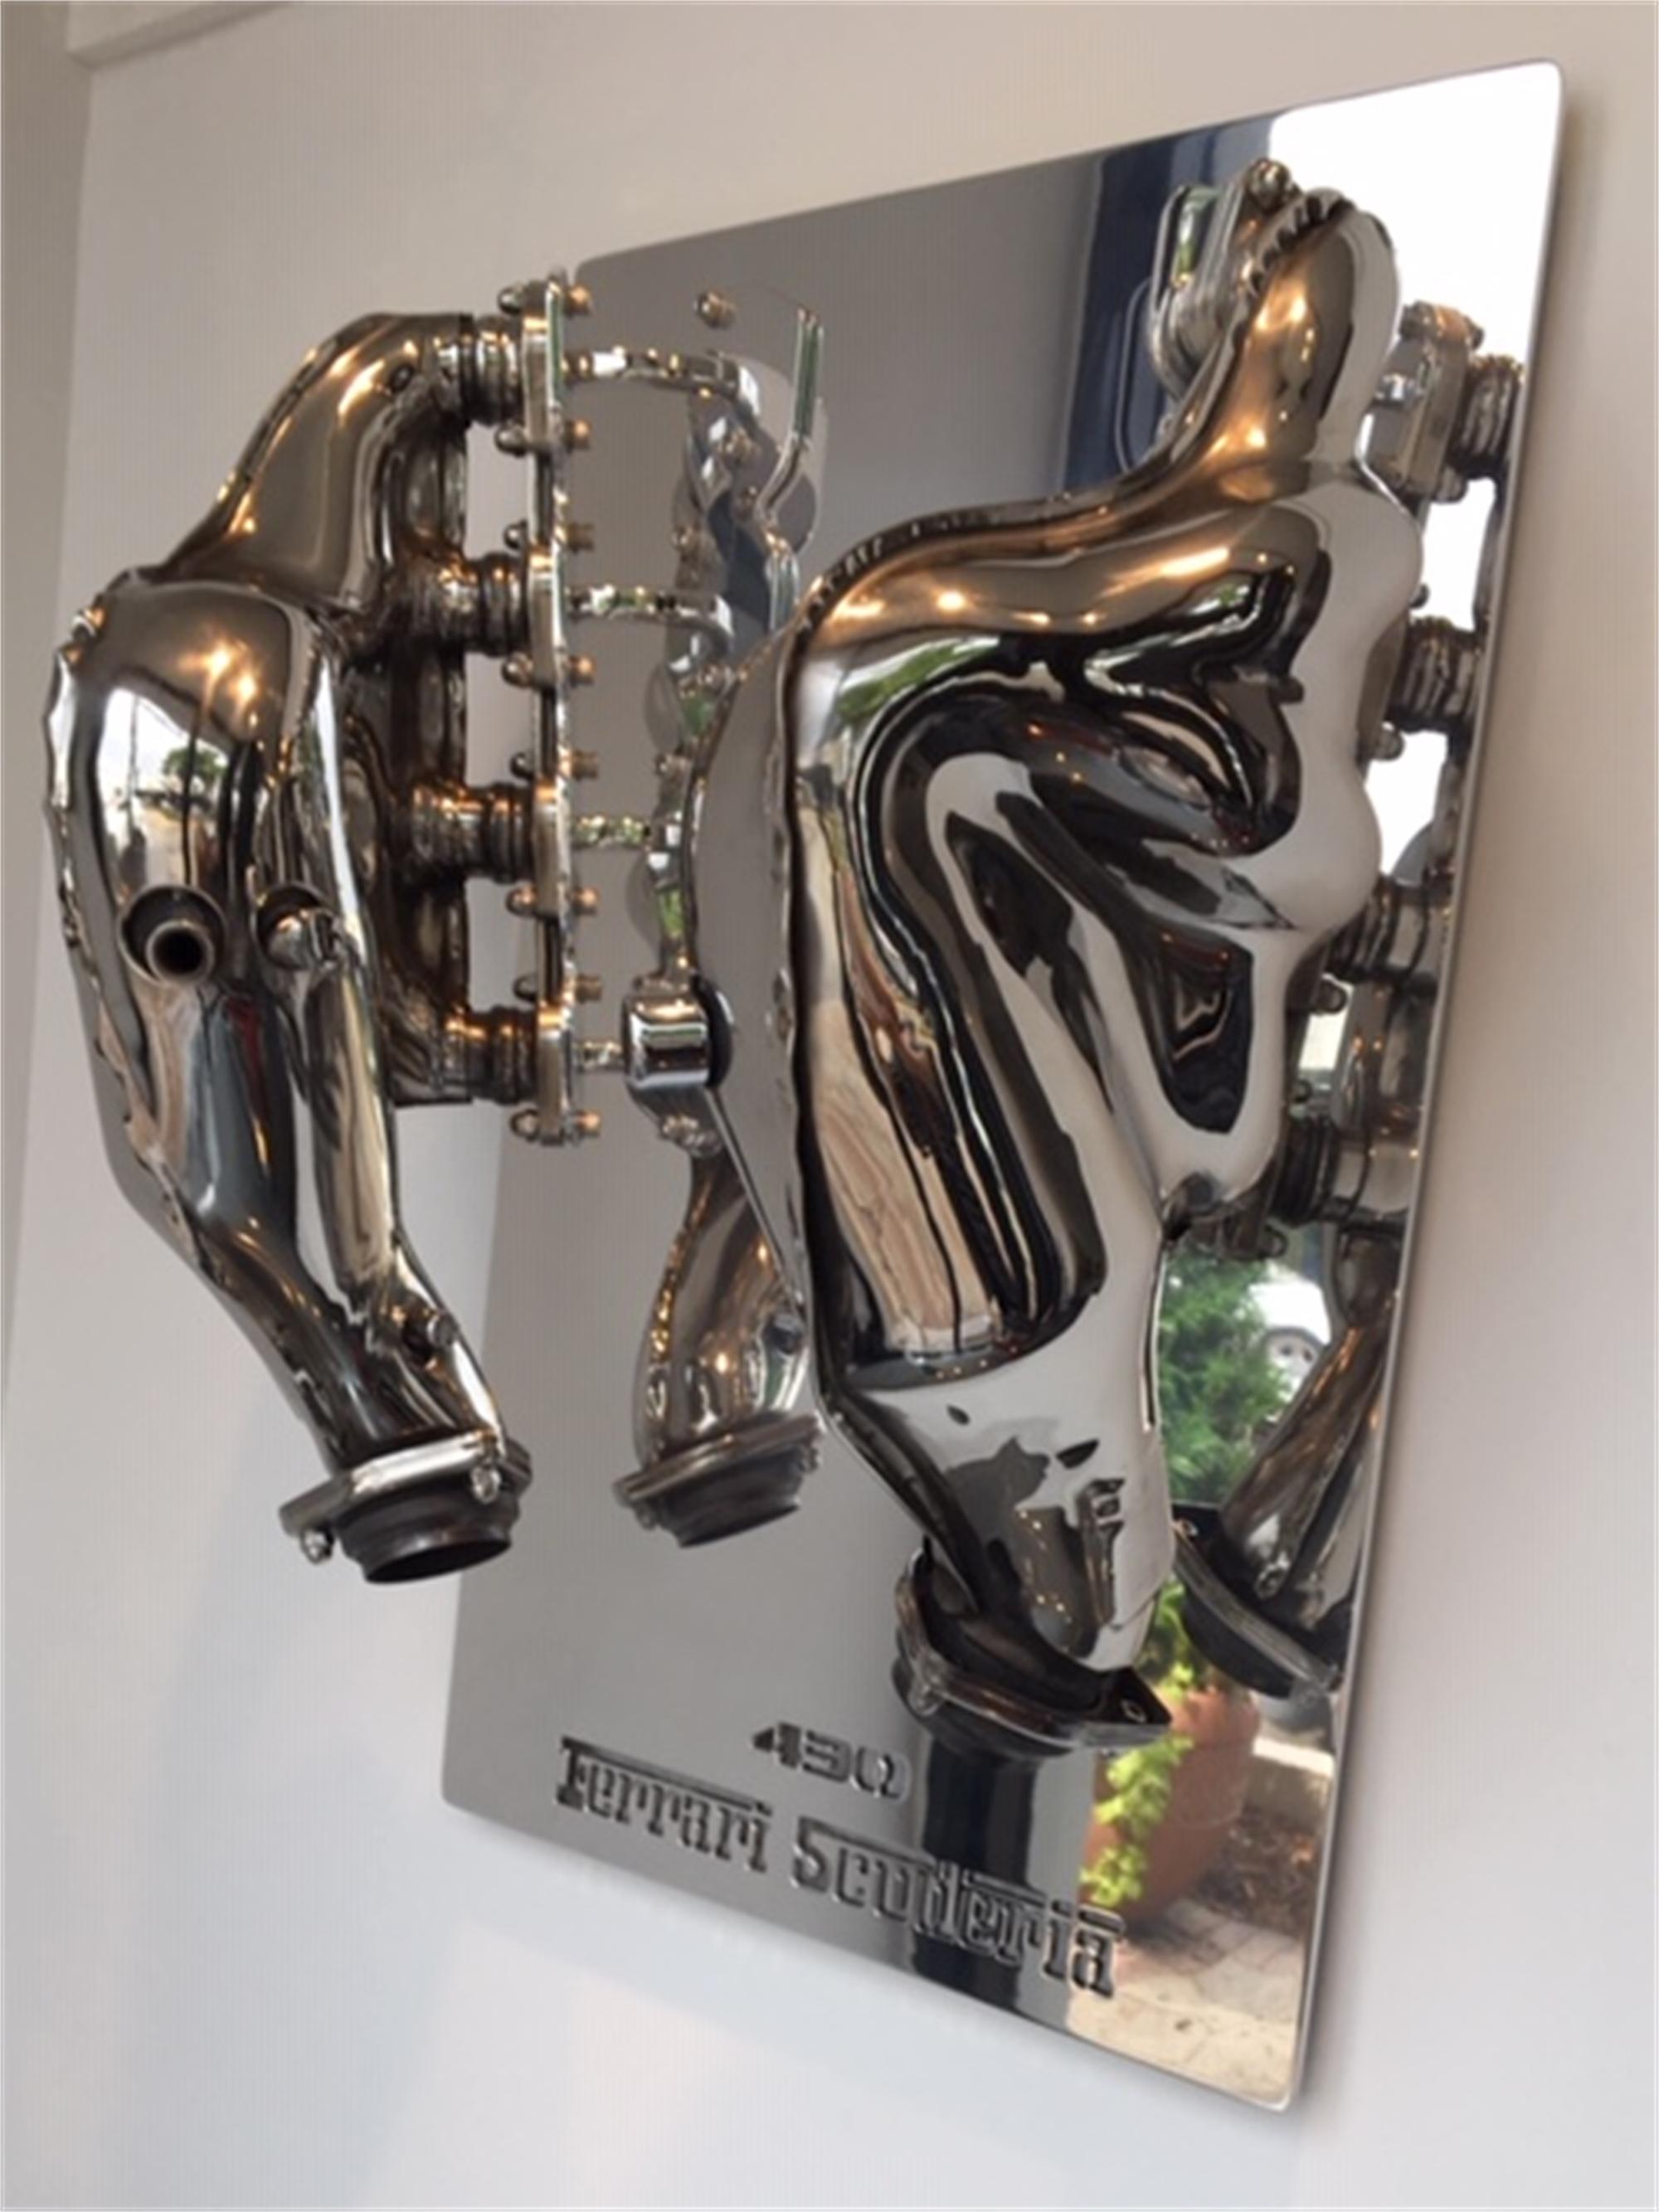 Ferarri Manifold Sculpture by Tom Bates